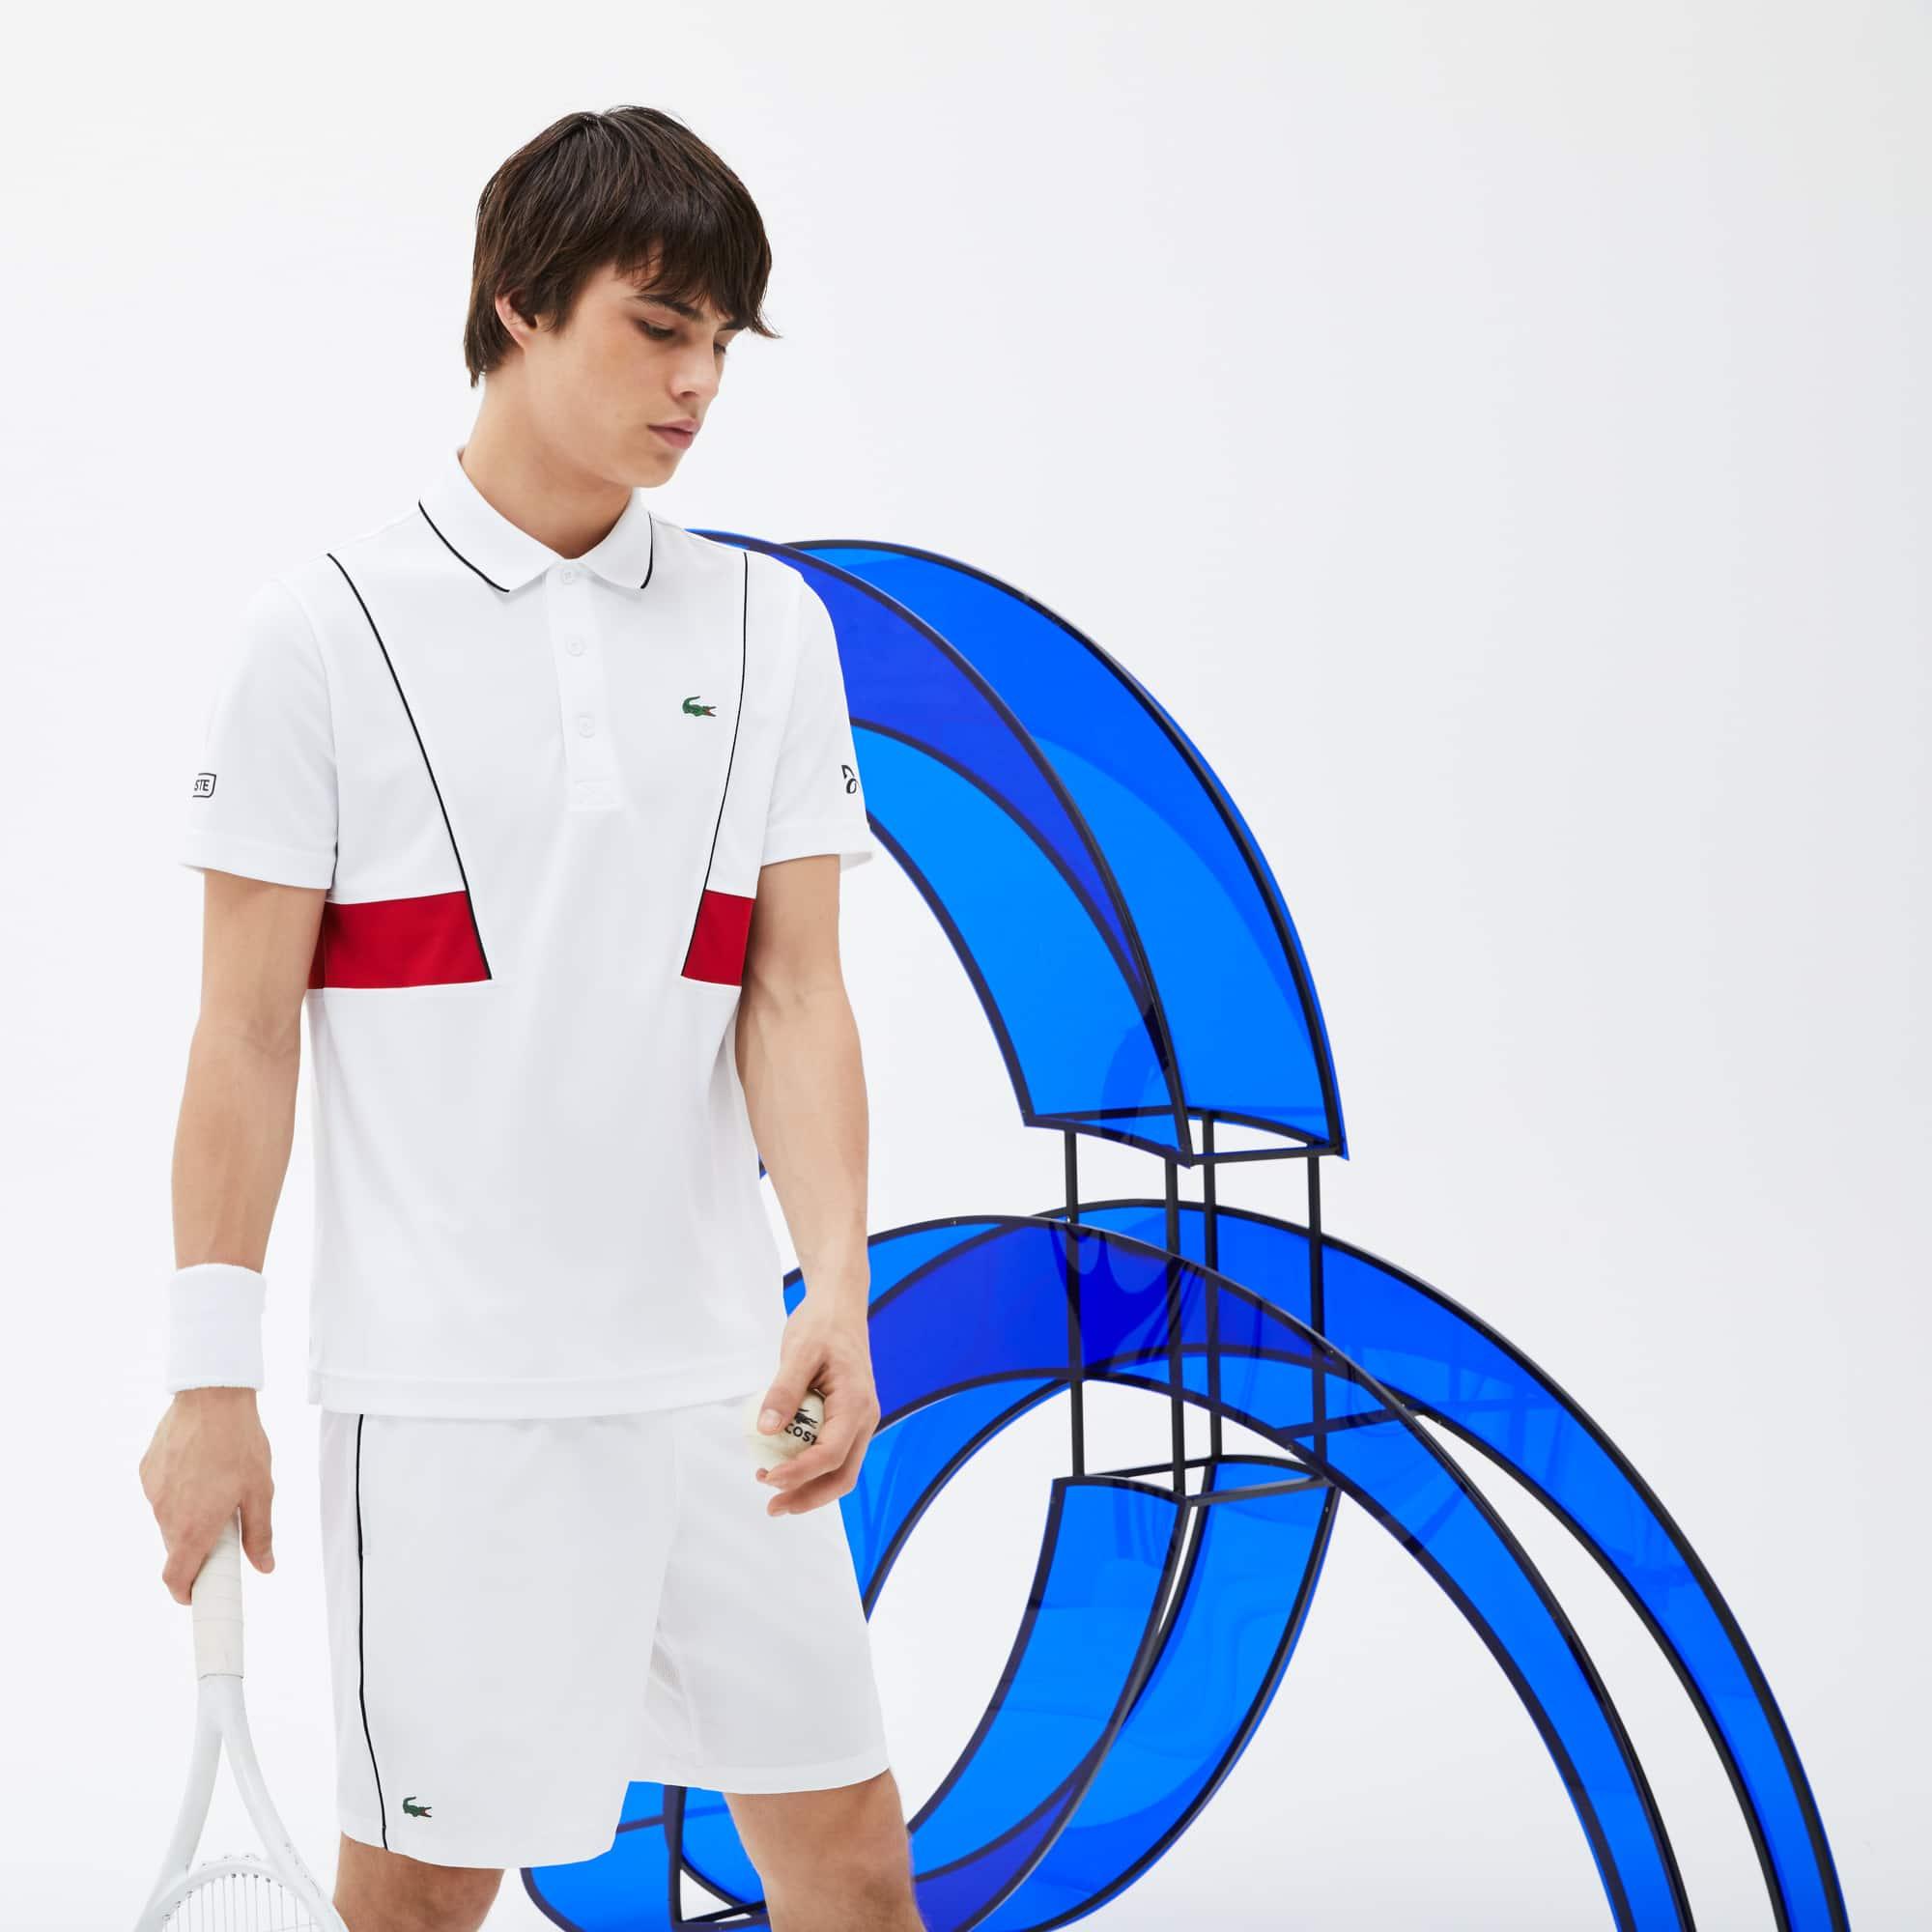 قميص بولو رجالي من مجموعة نوفاك ديوكوفيتش التي تقدمها لاكوست سبورت بخامة بيكيه